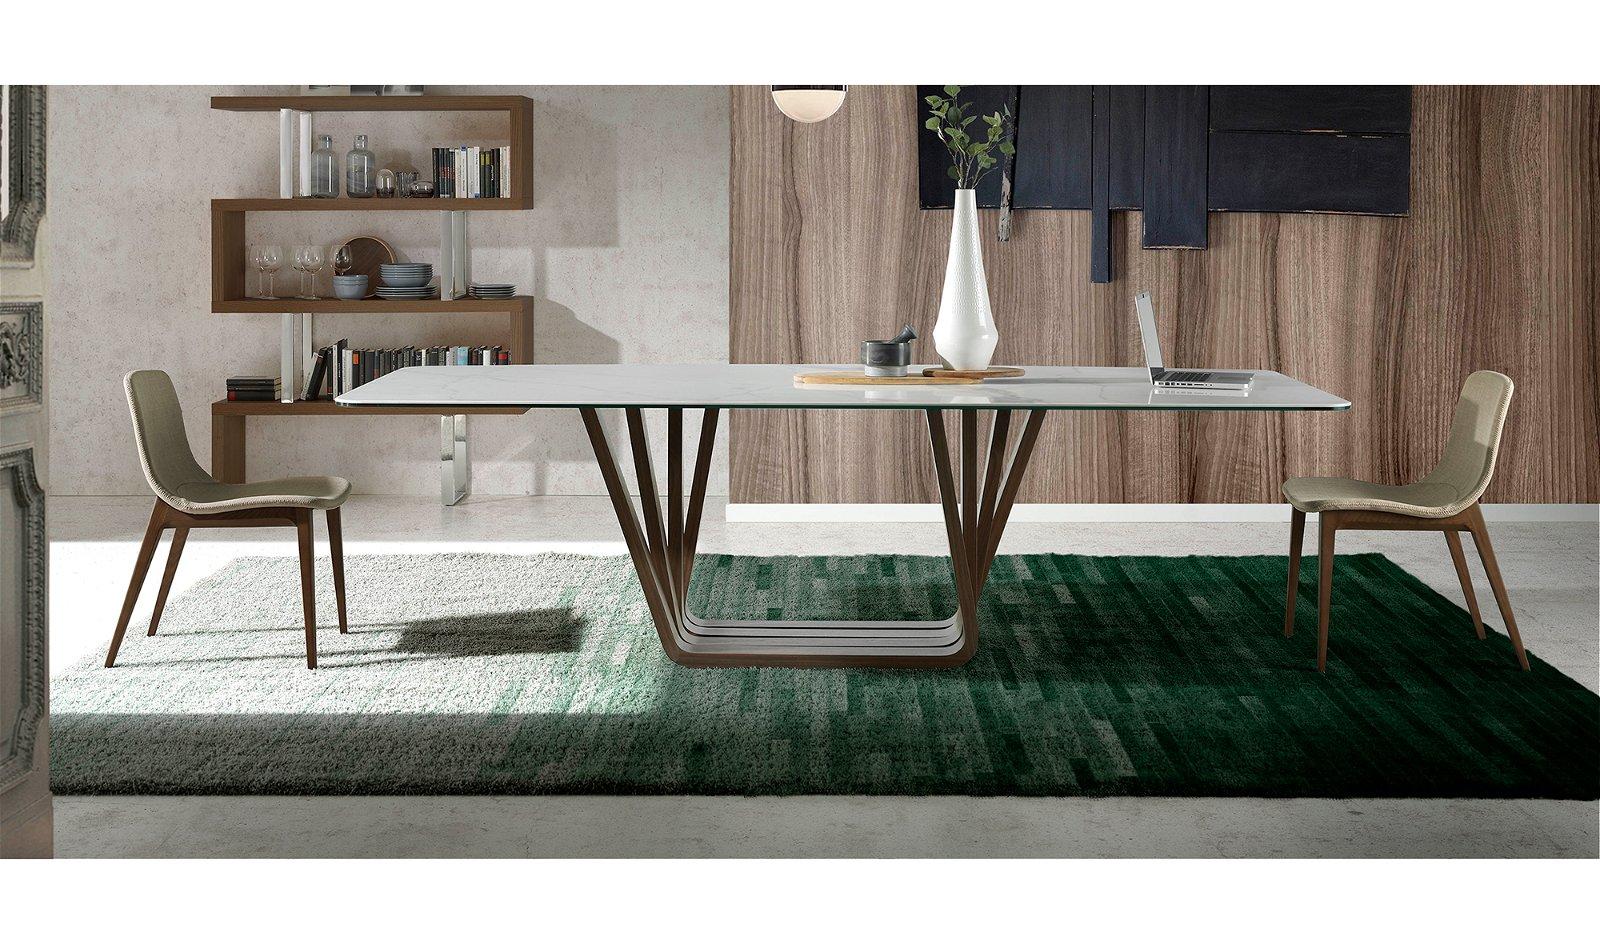 Silla moderna tapizada y nogal Piscero